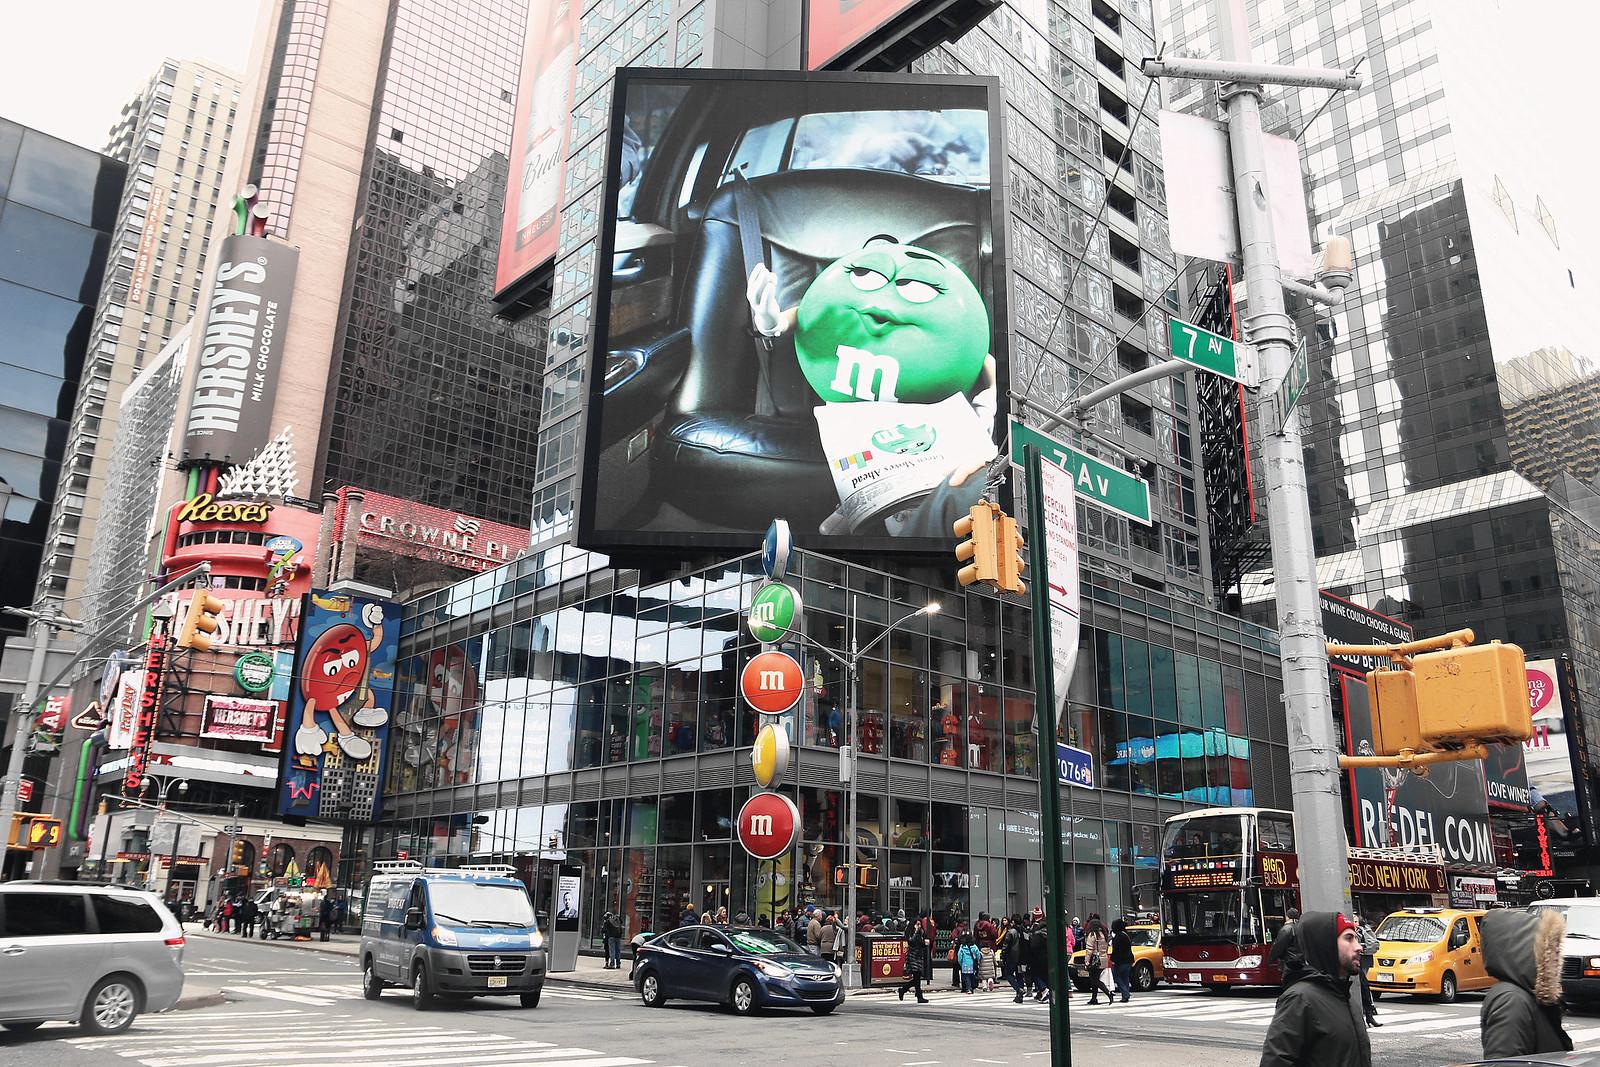 2022-timessquare-nyc-newyork-nyfw-newyorkfashionweek-newyorkcity-clothestoyouuu-elizabeeetht